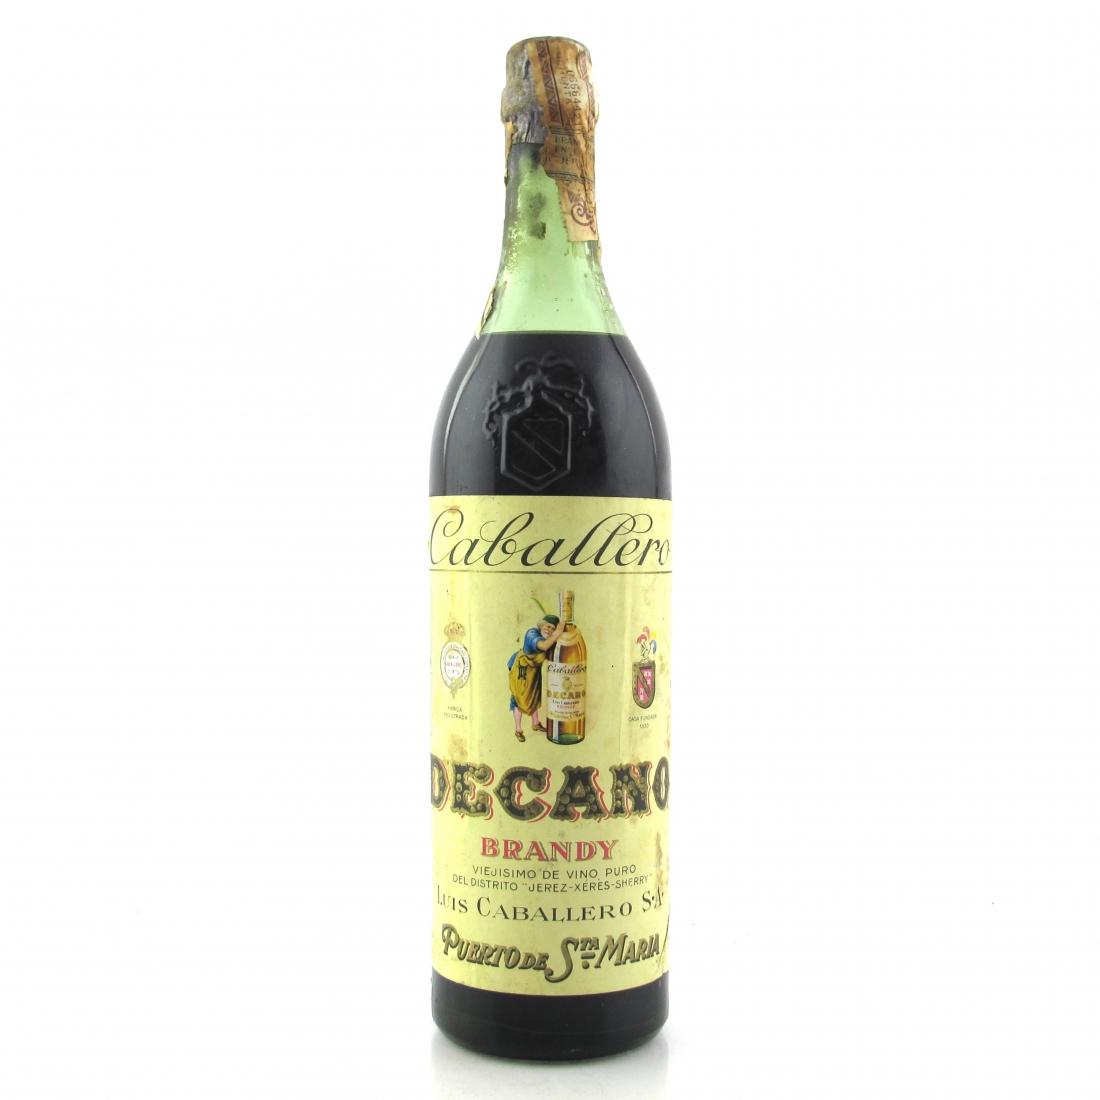 Caballero Decano Brandy 1960s